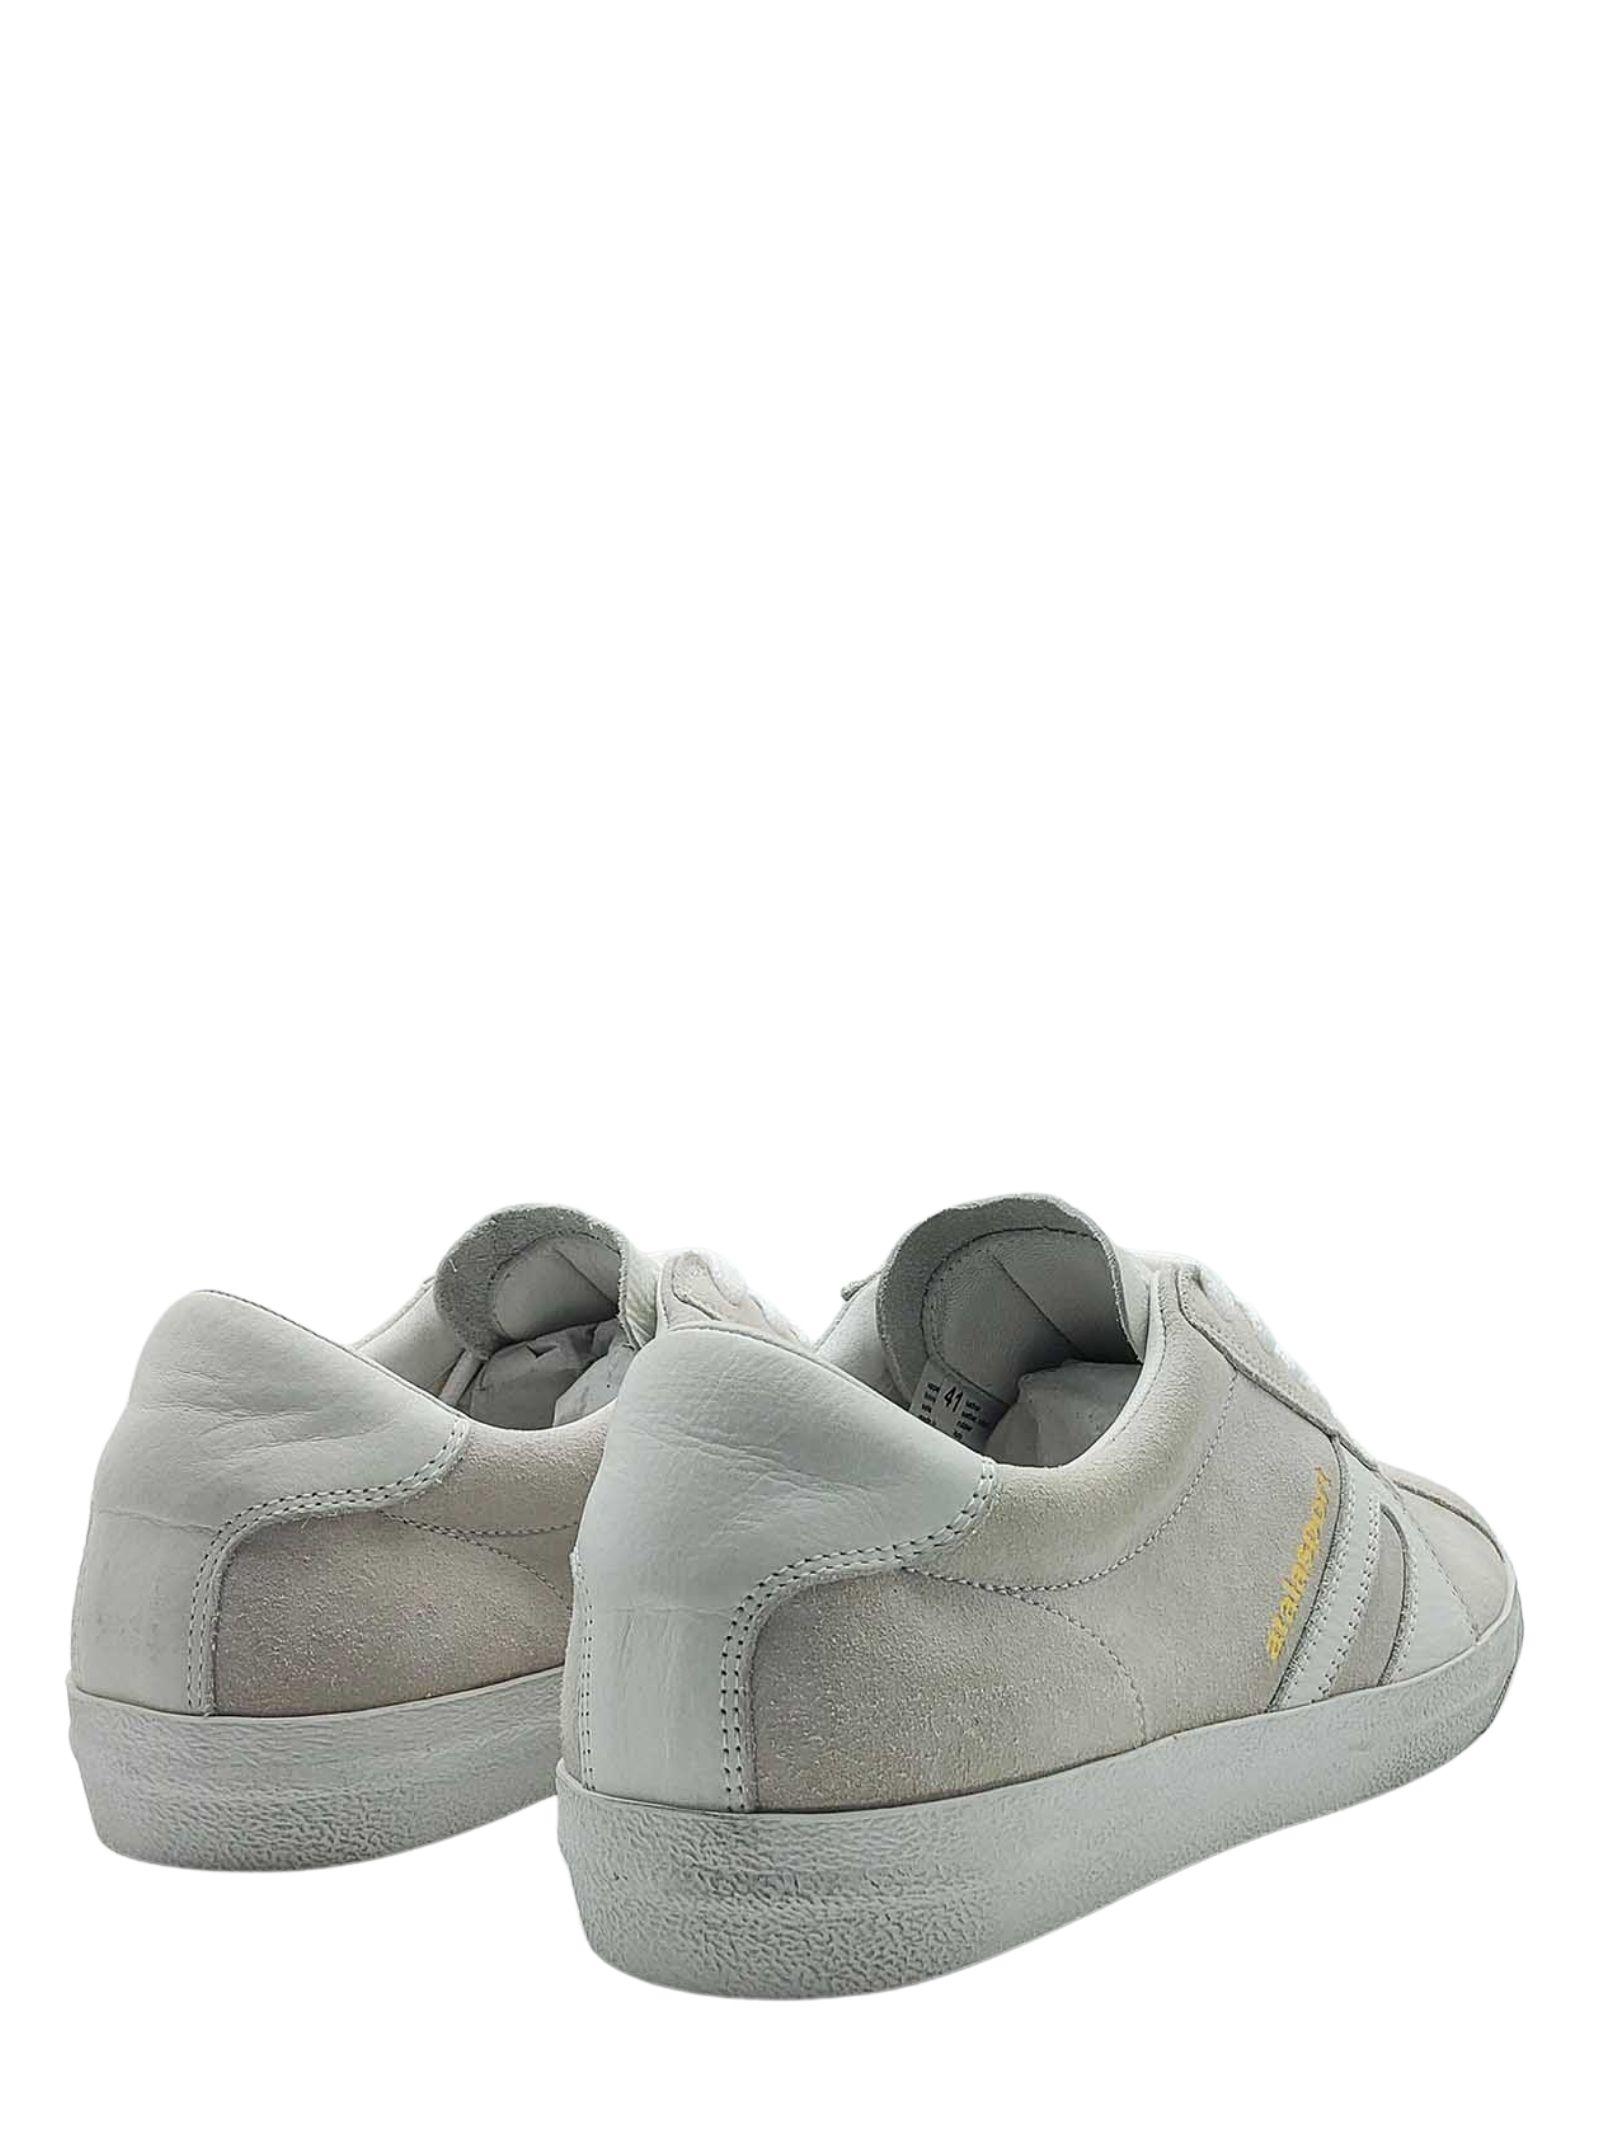 Calzature Uomo Sneakers Stringate in Camoscio Off White con Fondo Bianco Vintage Atala   Sneakers   10022100